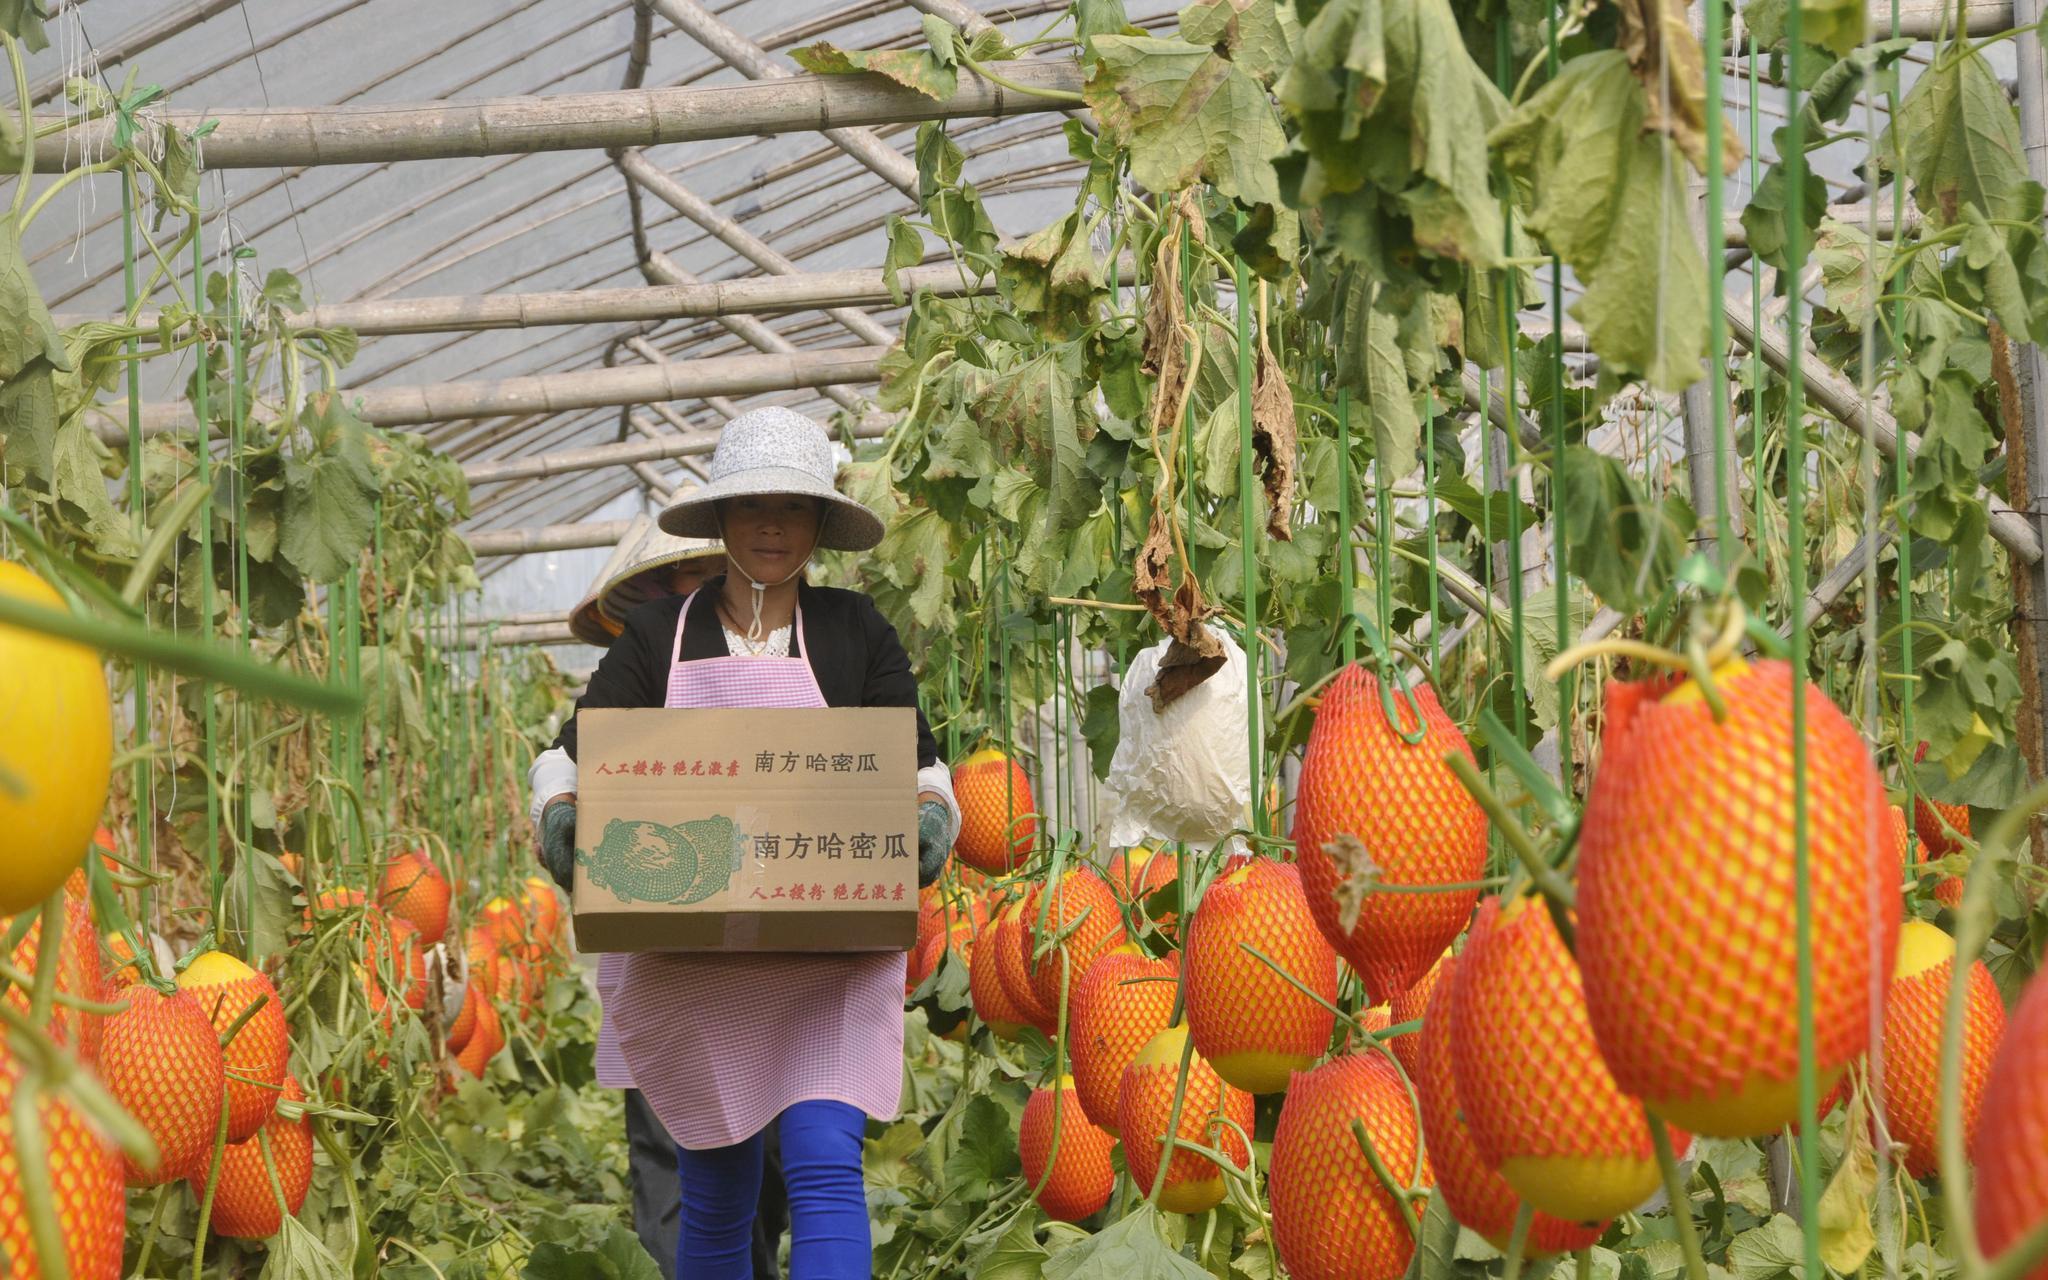 广西北海市:农户按标准建大棚 每亩奖励1万元图片